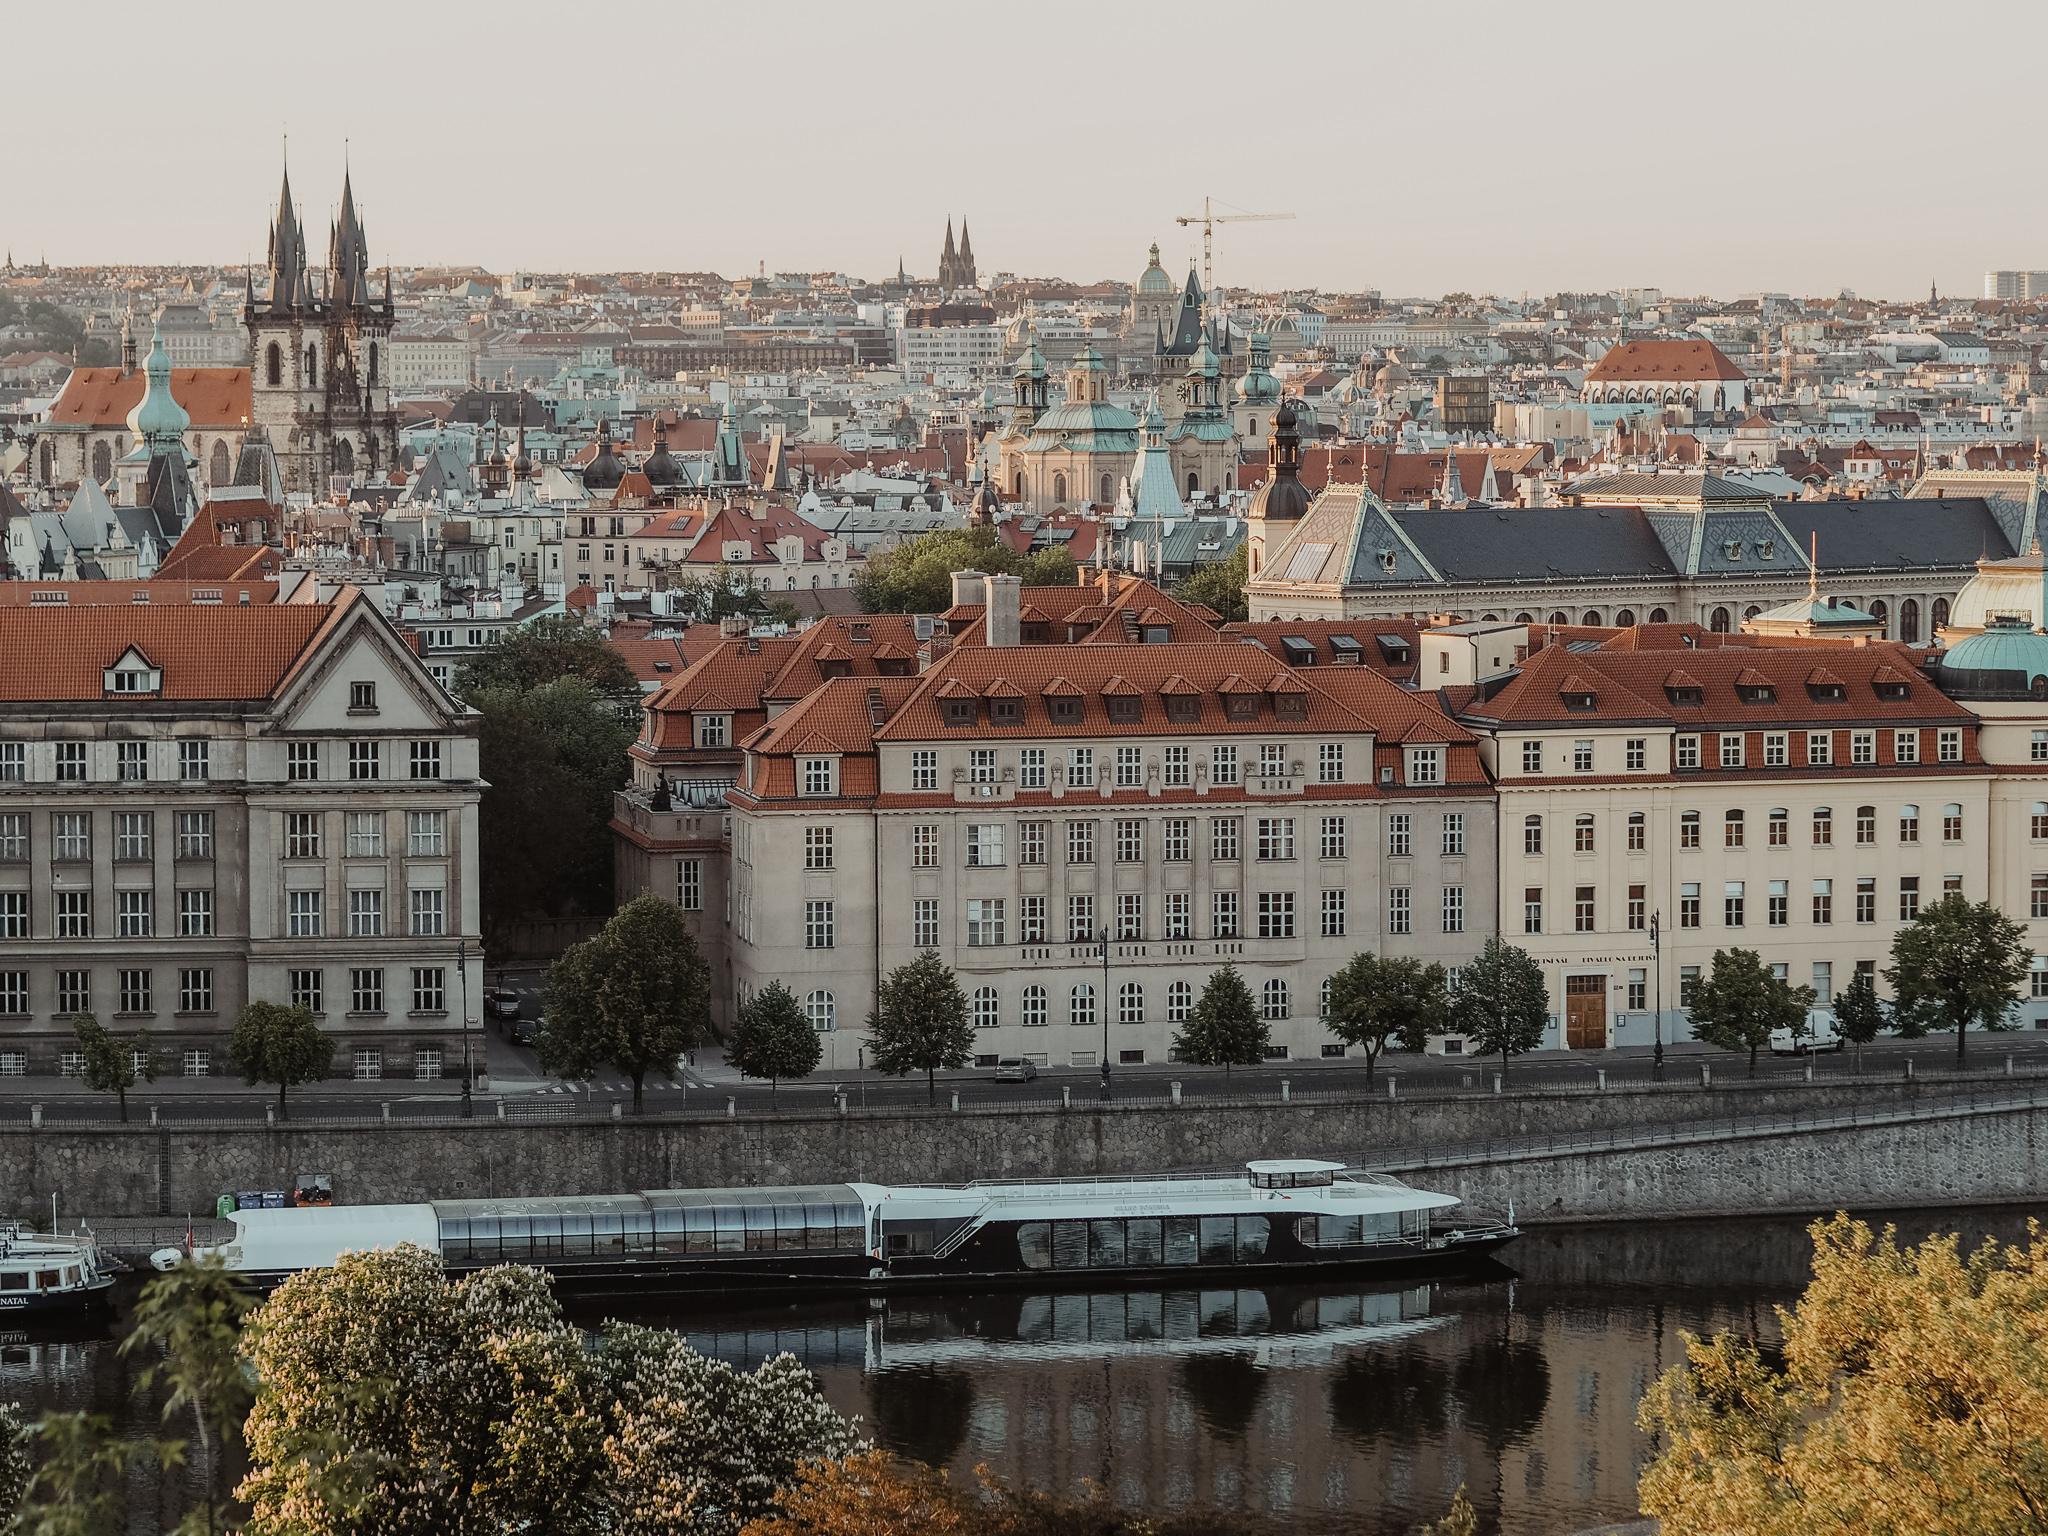 Letna Prague Spring